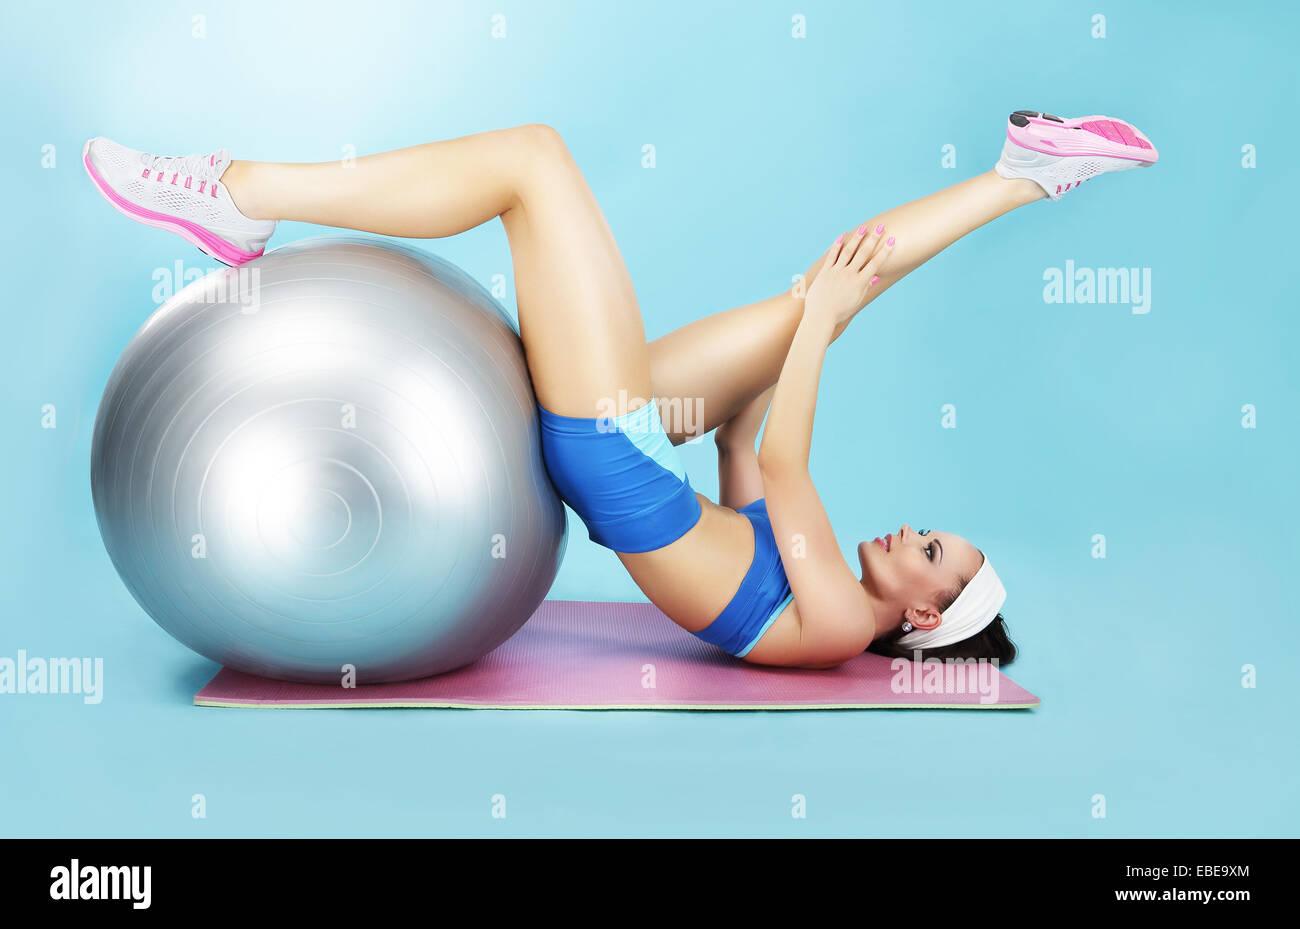 Concetto di benessere. Donna in abbigliamento sportivo con attrezzature sportive Immagini Stock